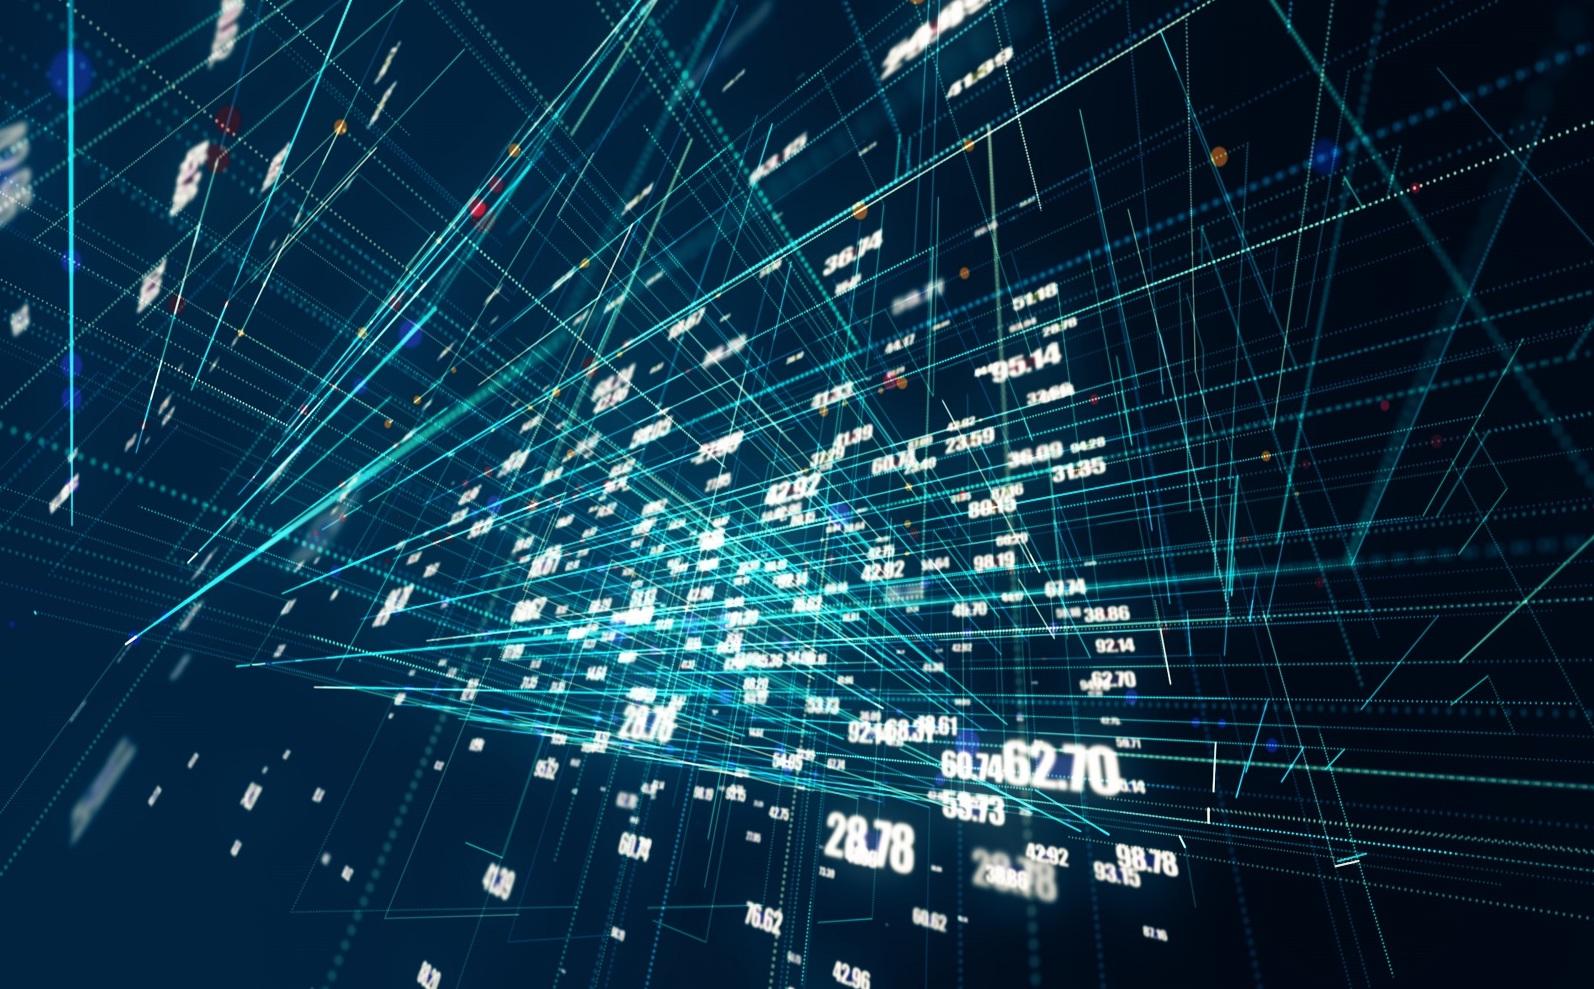 Защита информации в АСУ ТП. Безопасность критической информационной инфраструктуры